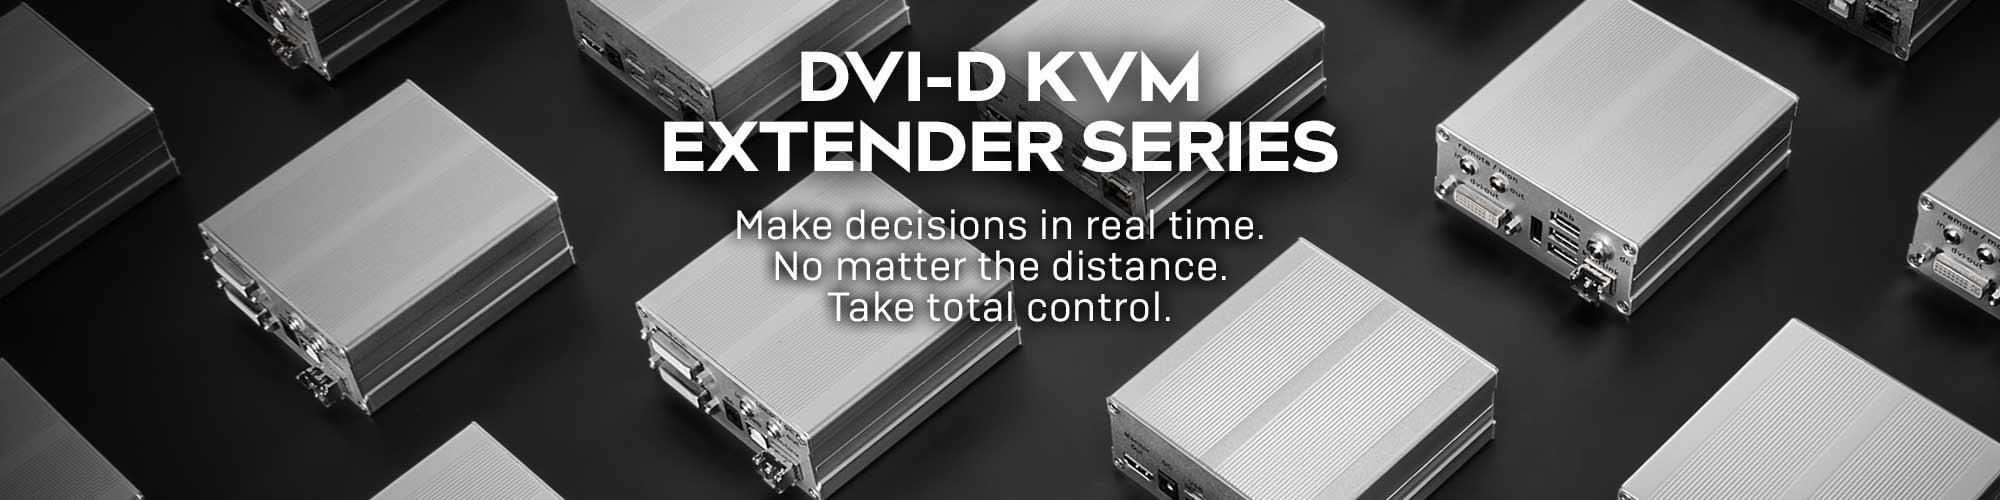 DVI-D KVM EXTENDER SERIES